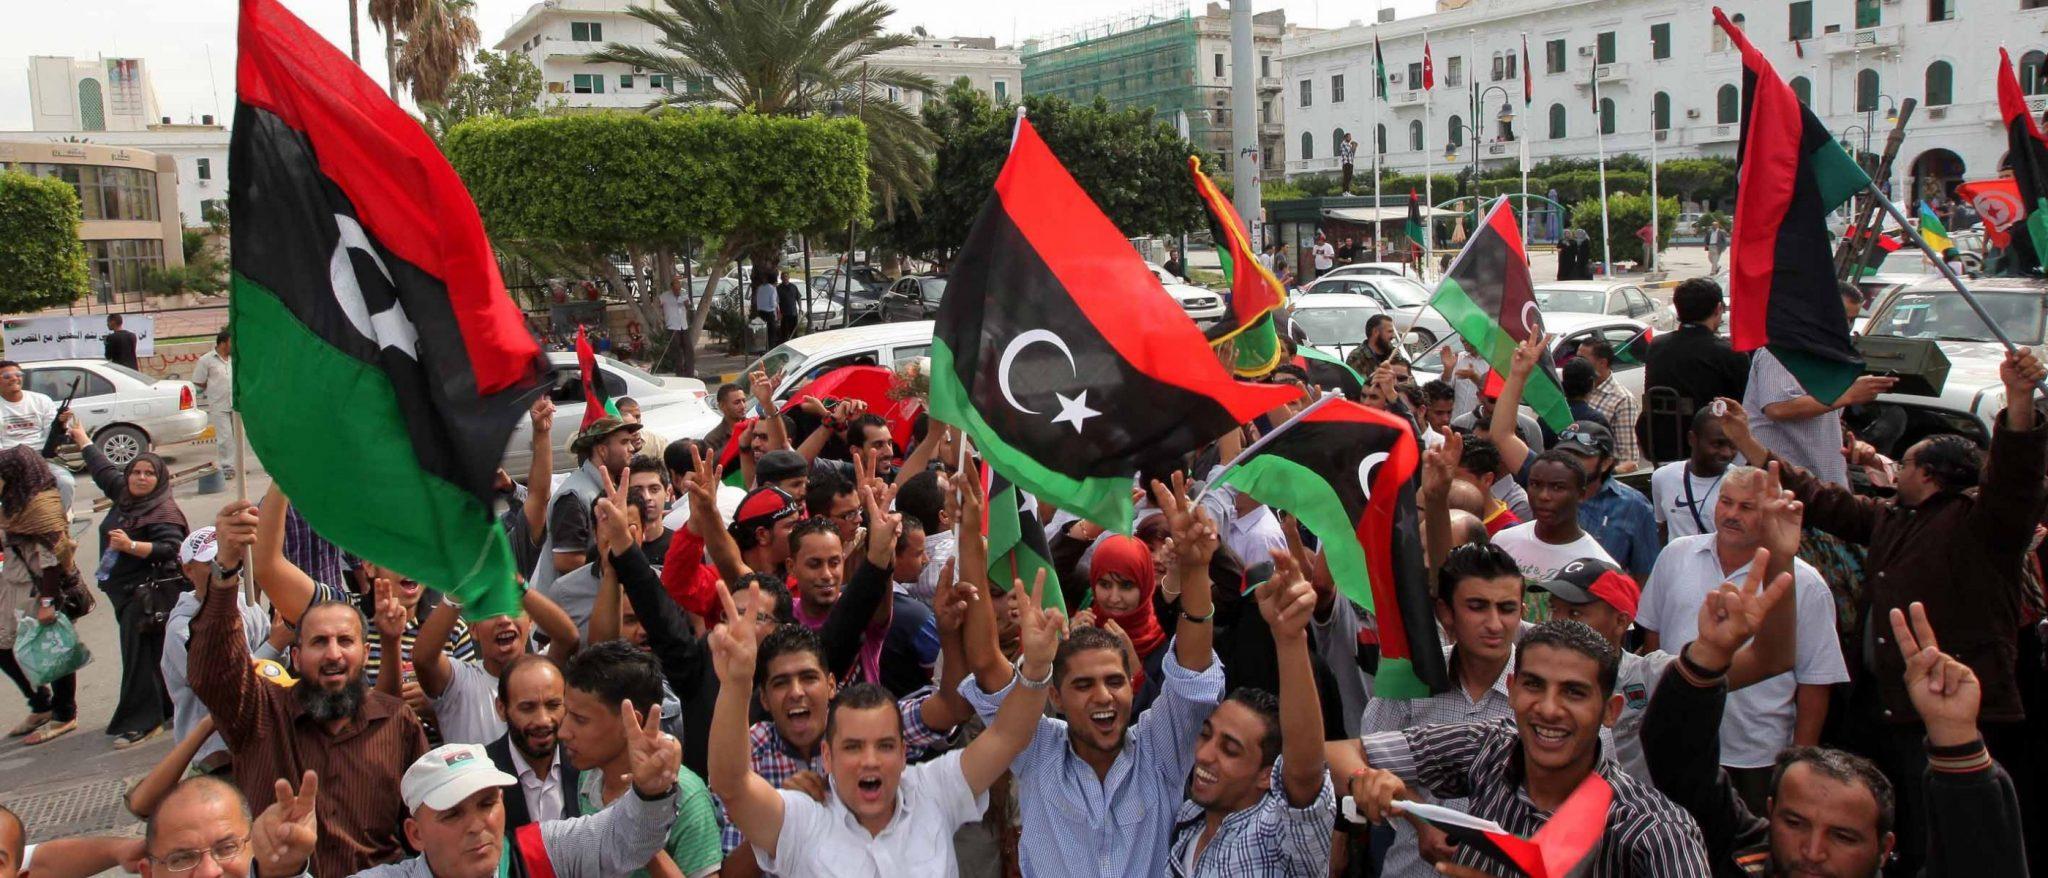 صورة لماذا يتصارعون على ليبيا؟… ماذا يريدون؟